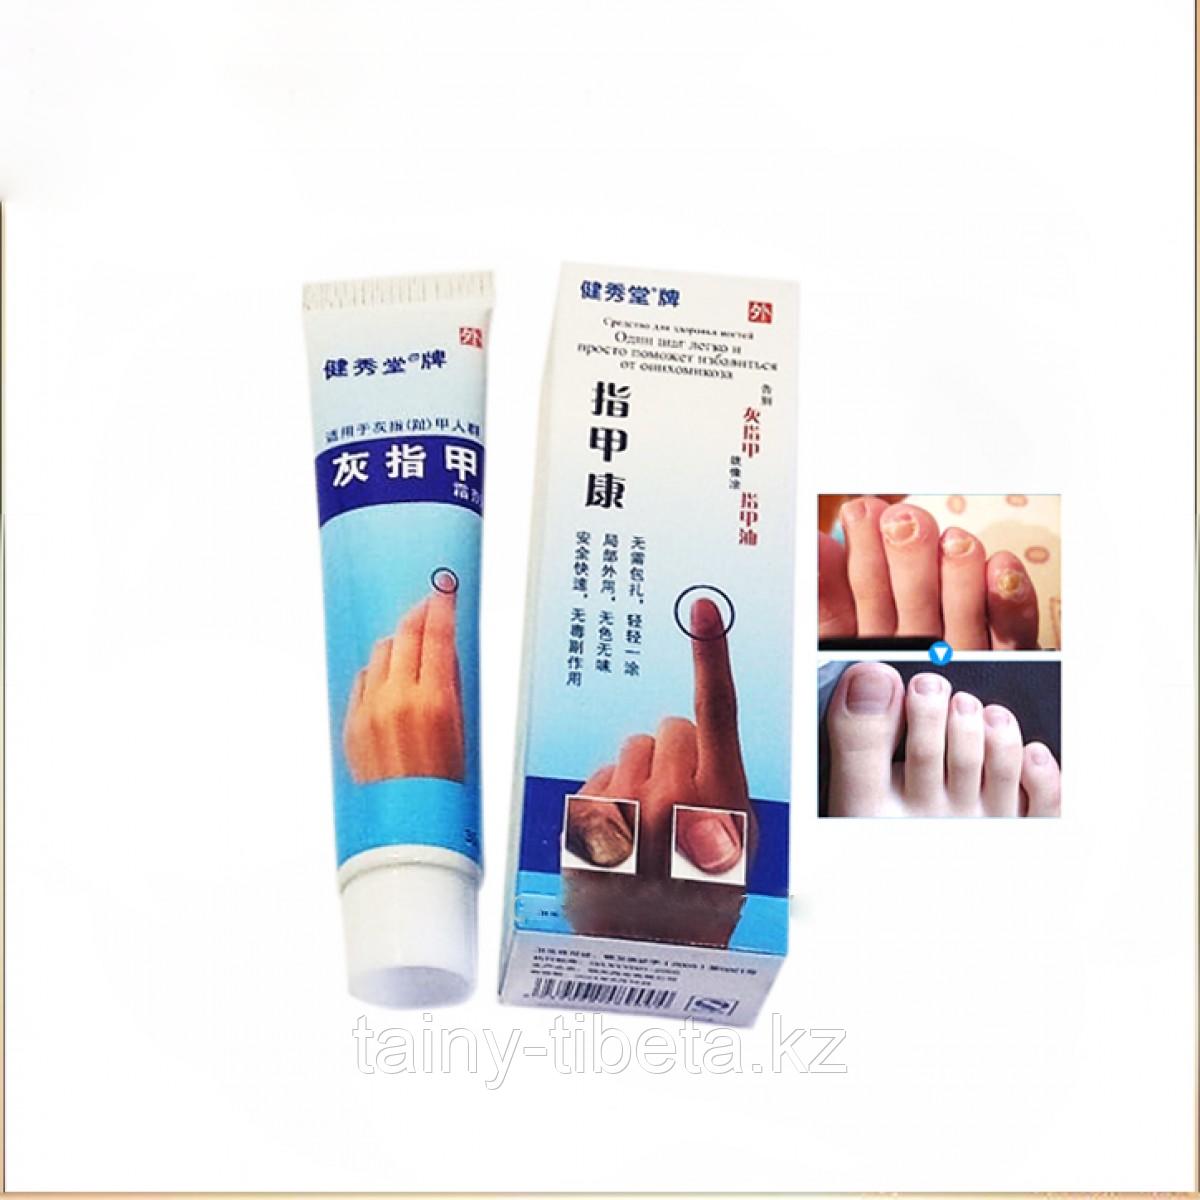 Мазь от ногтевого грибка